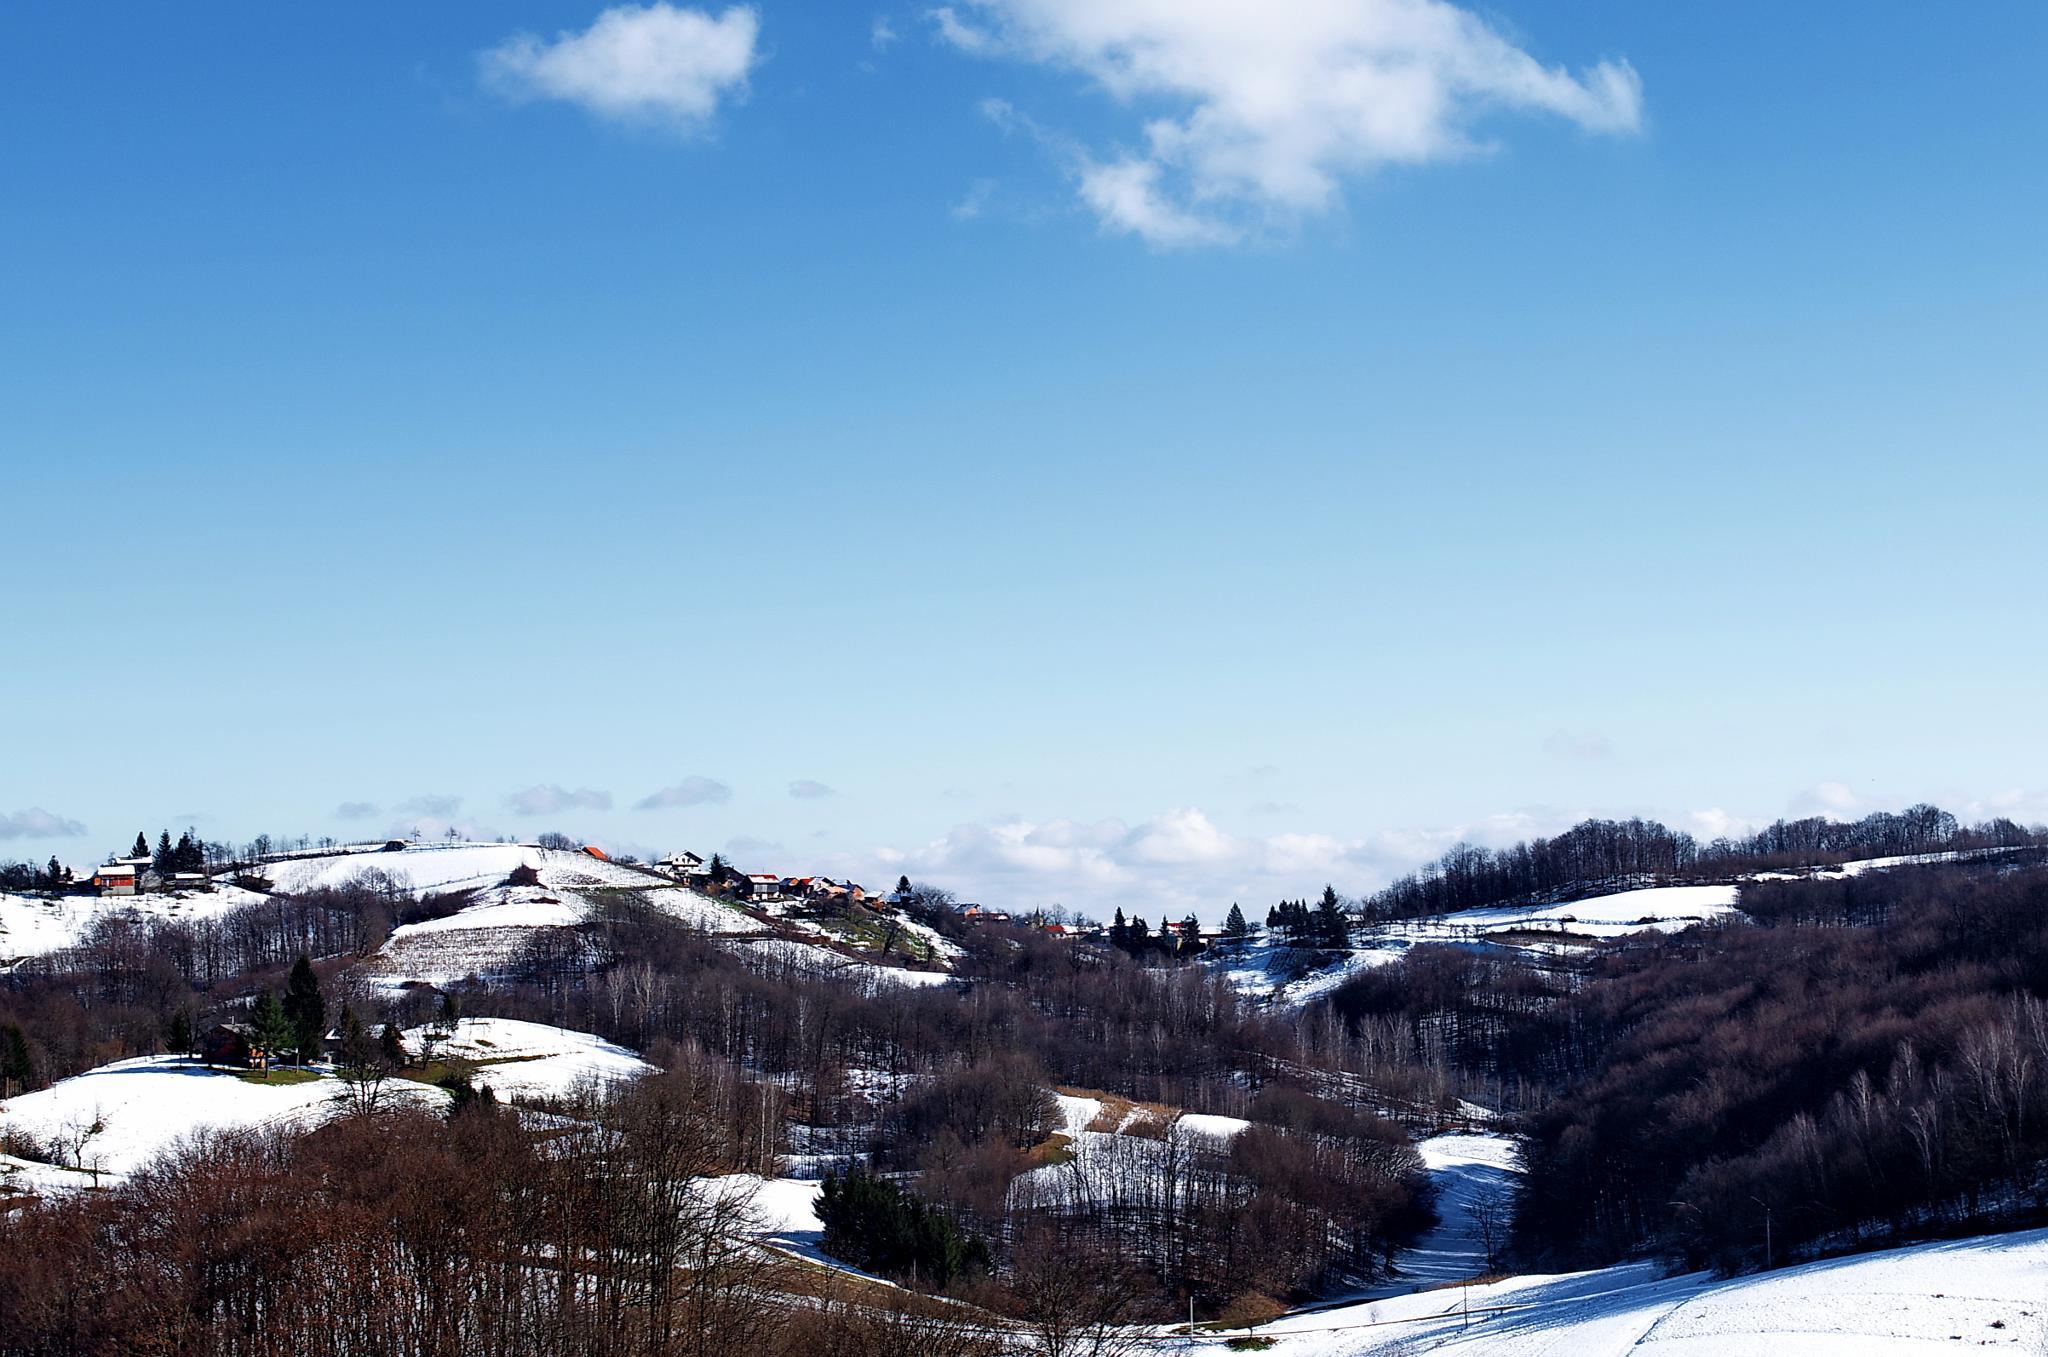 zima  by Zdravko Sudac